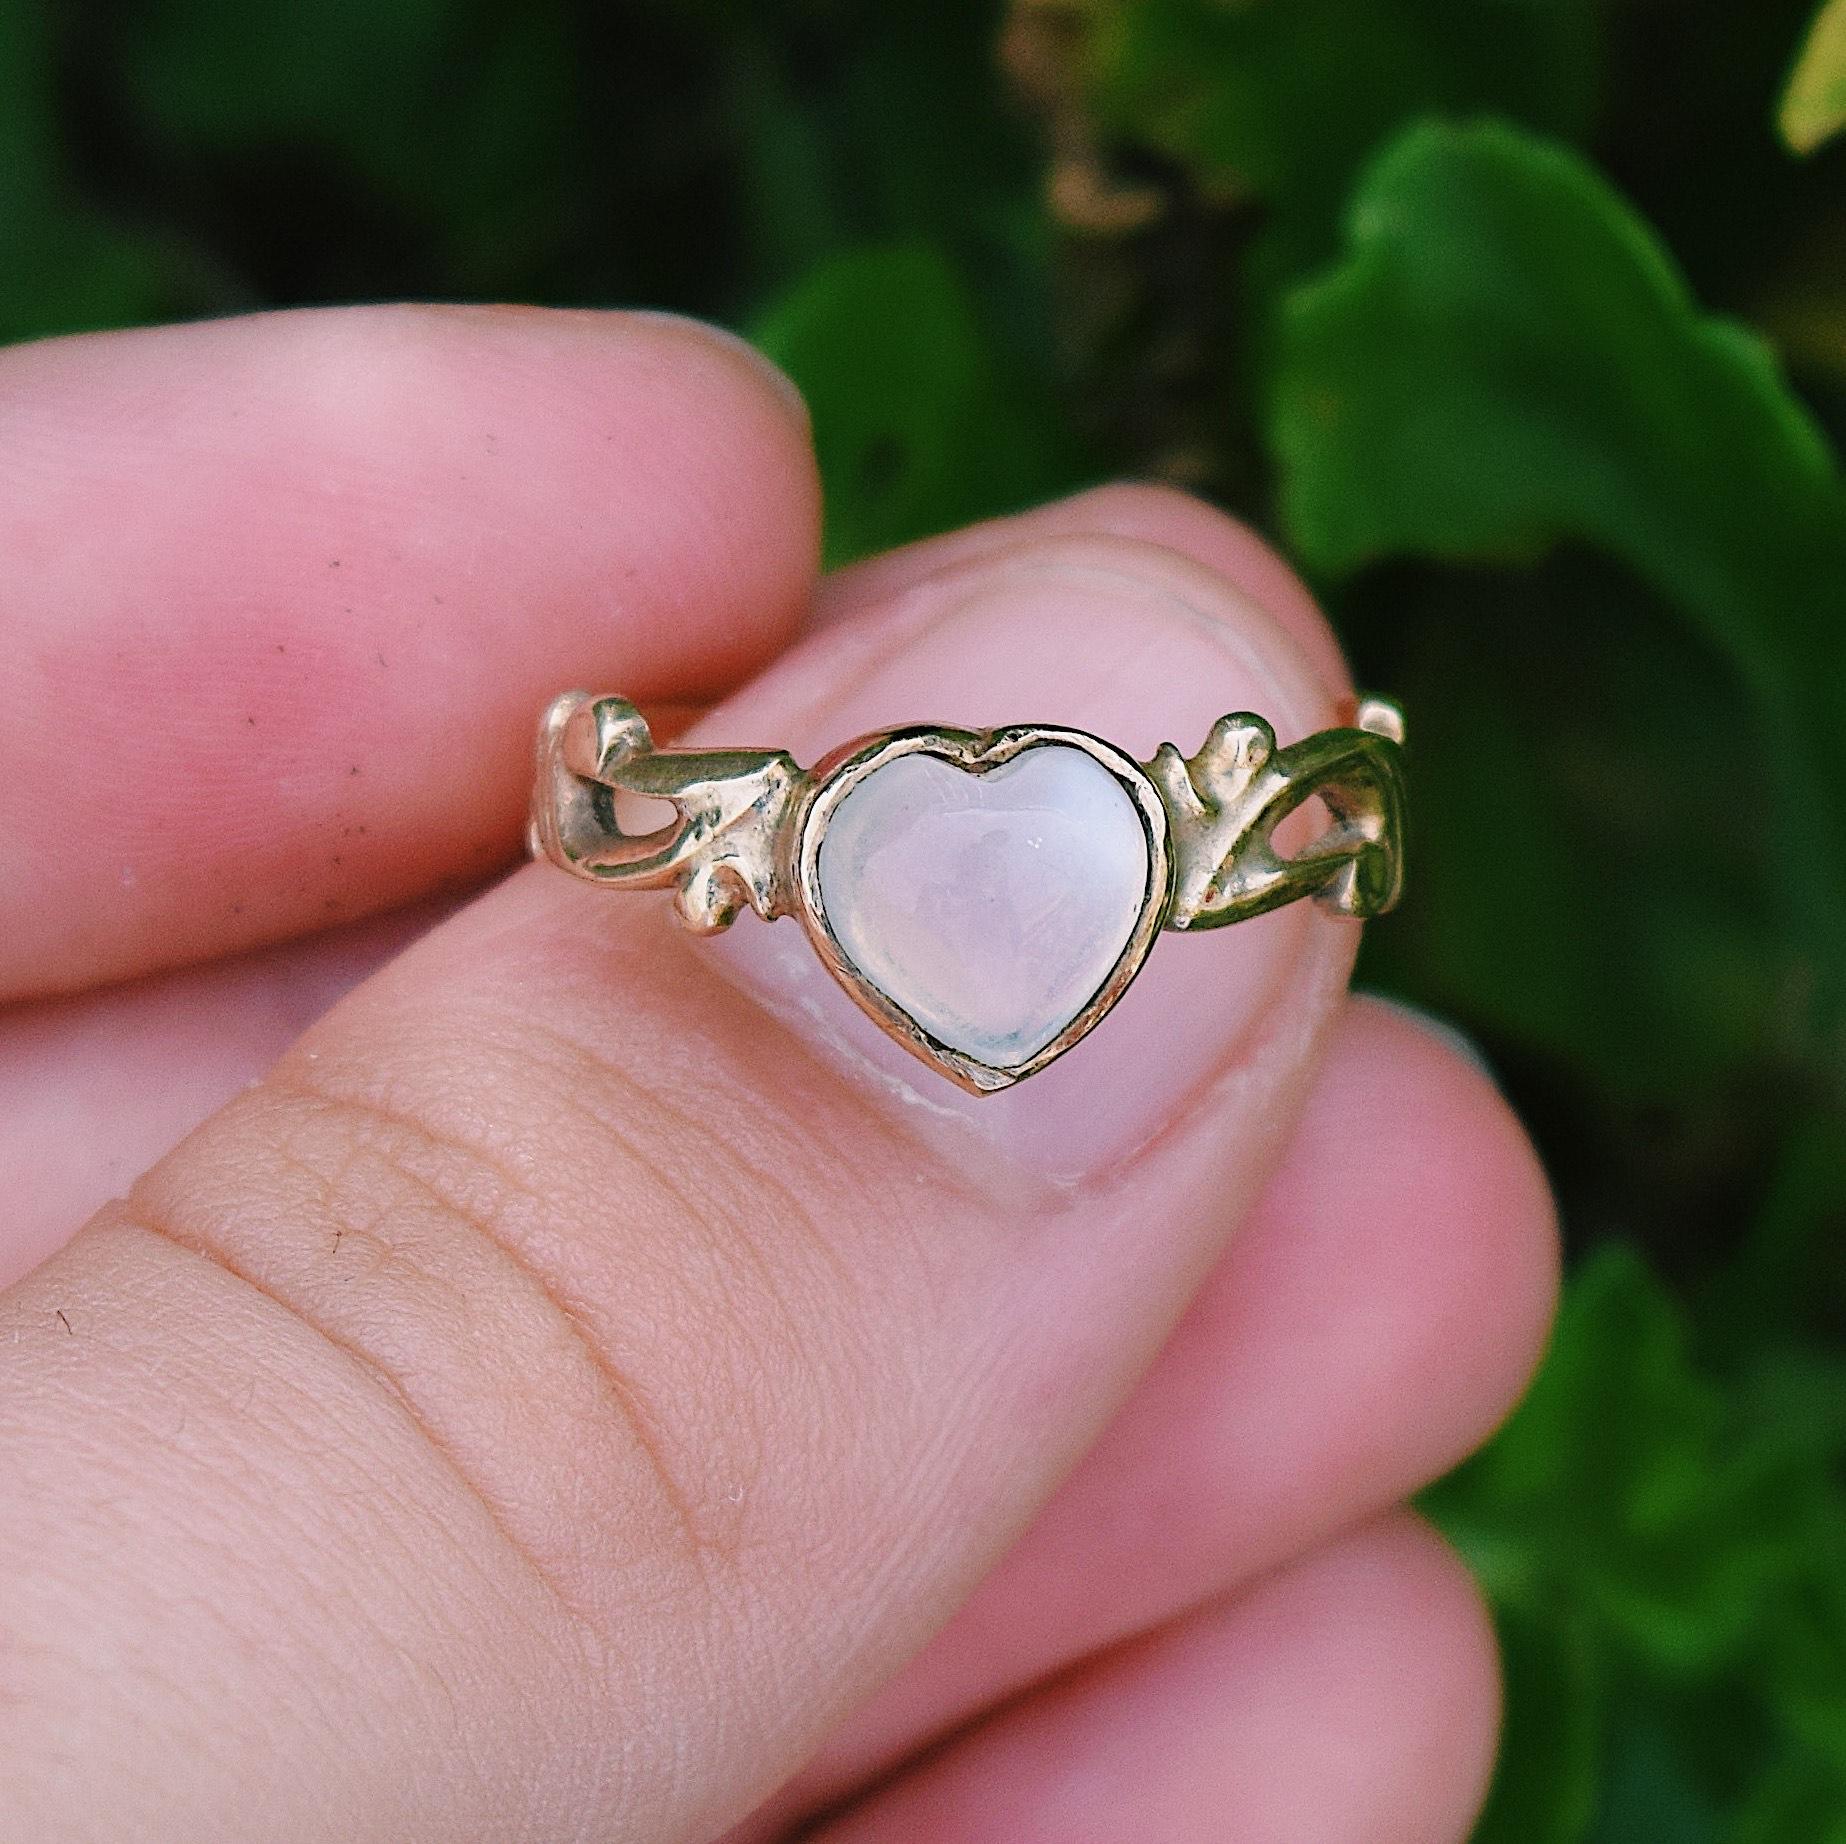 טבעת זהב עתיקה, עם אבן מונסטון.